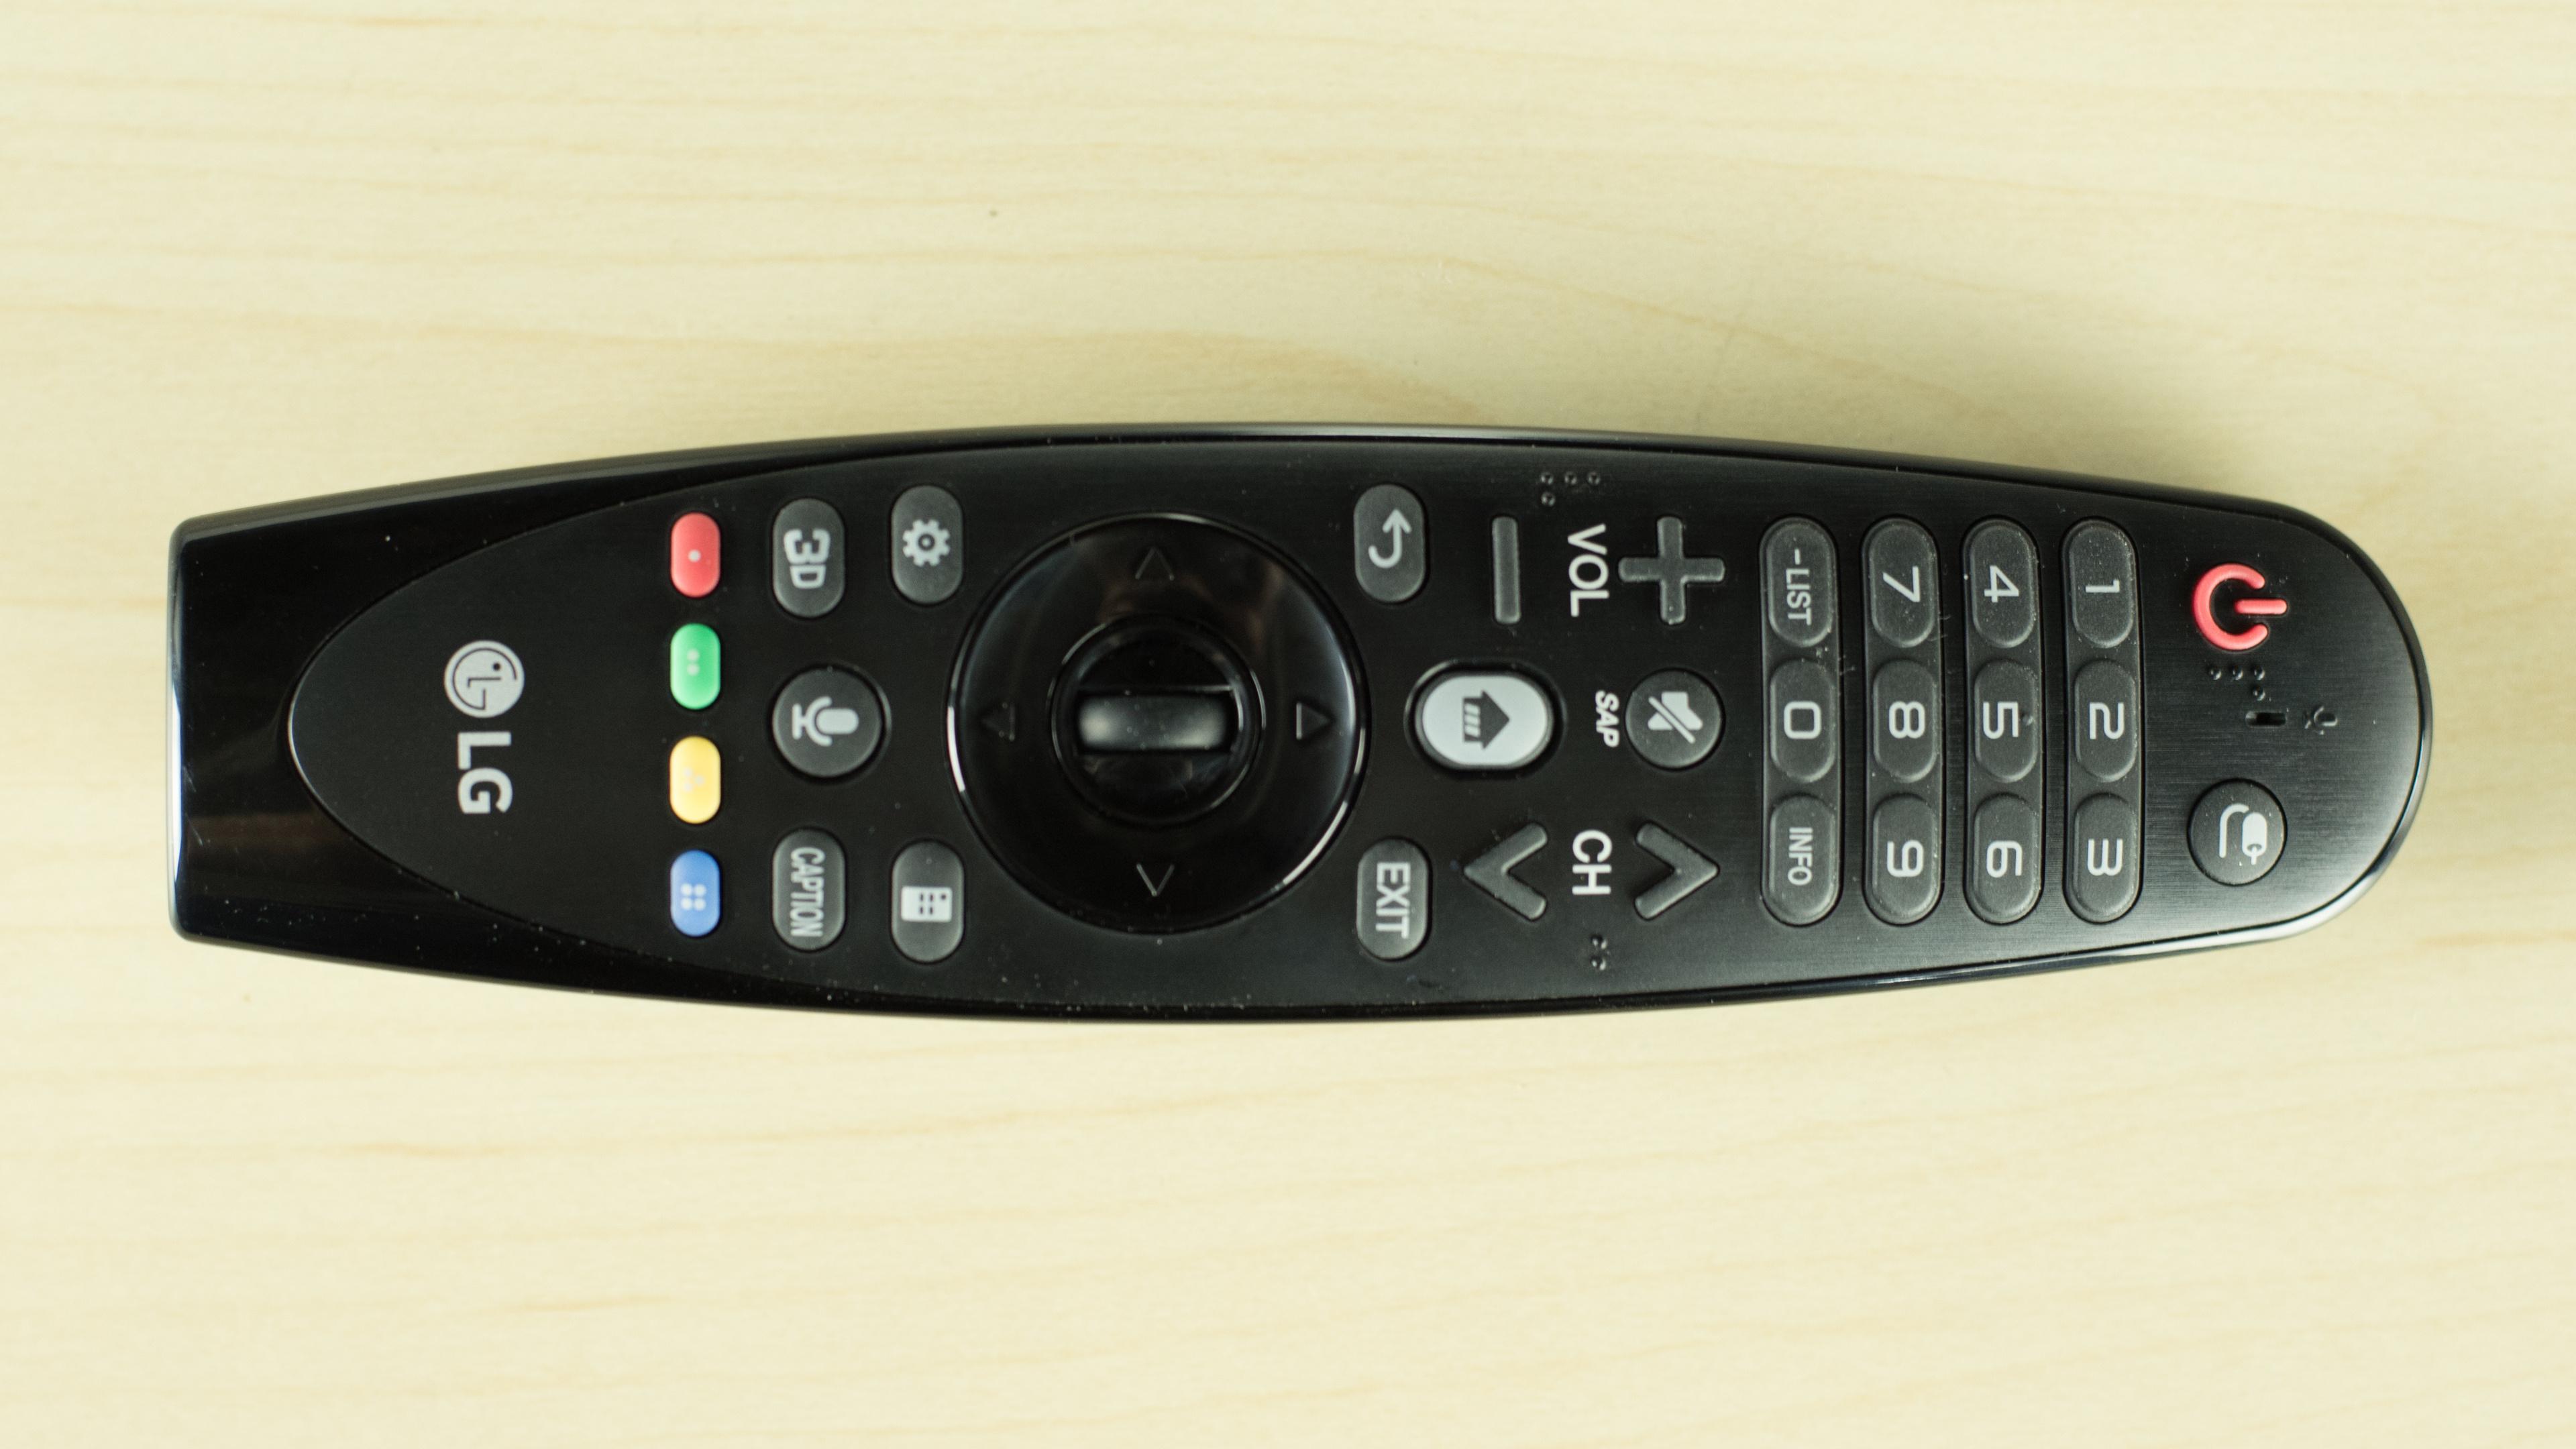 samsung smart tv remote 2015. lg smart tv. like the samsung remote tv 2015 o